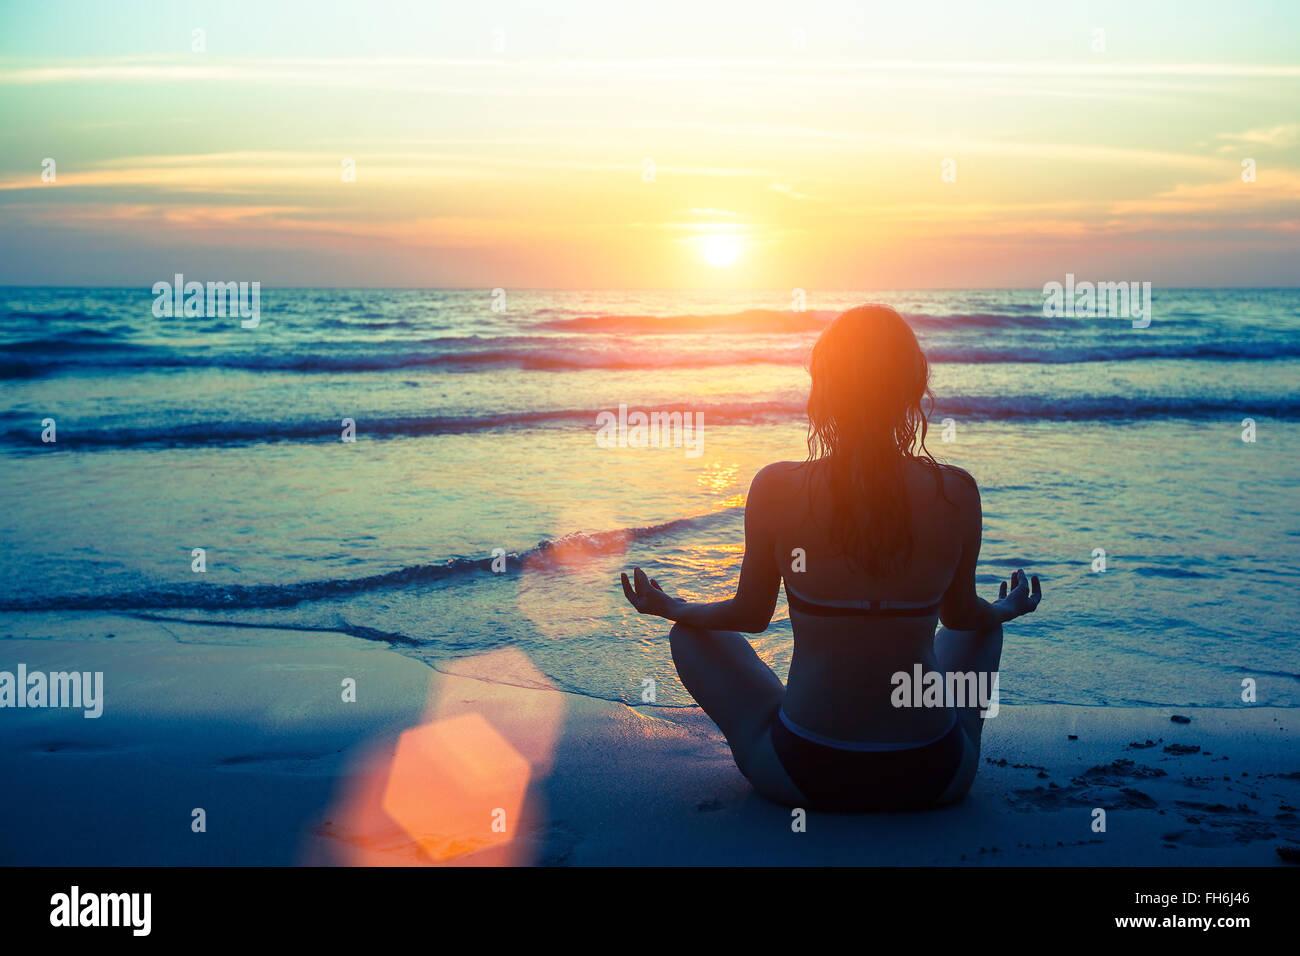 Frau Silhouette Yoga am Strand bei Sonnenuntergang. Stockbild